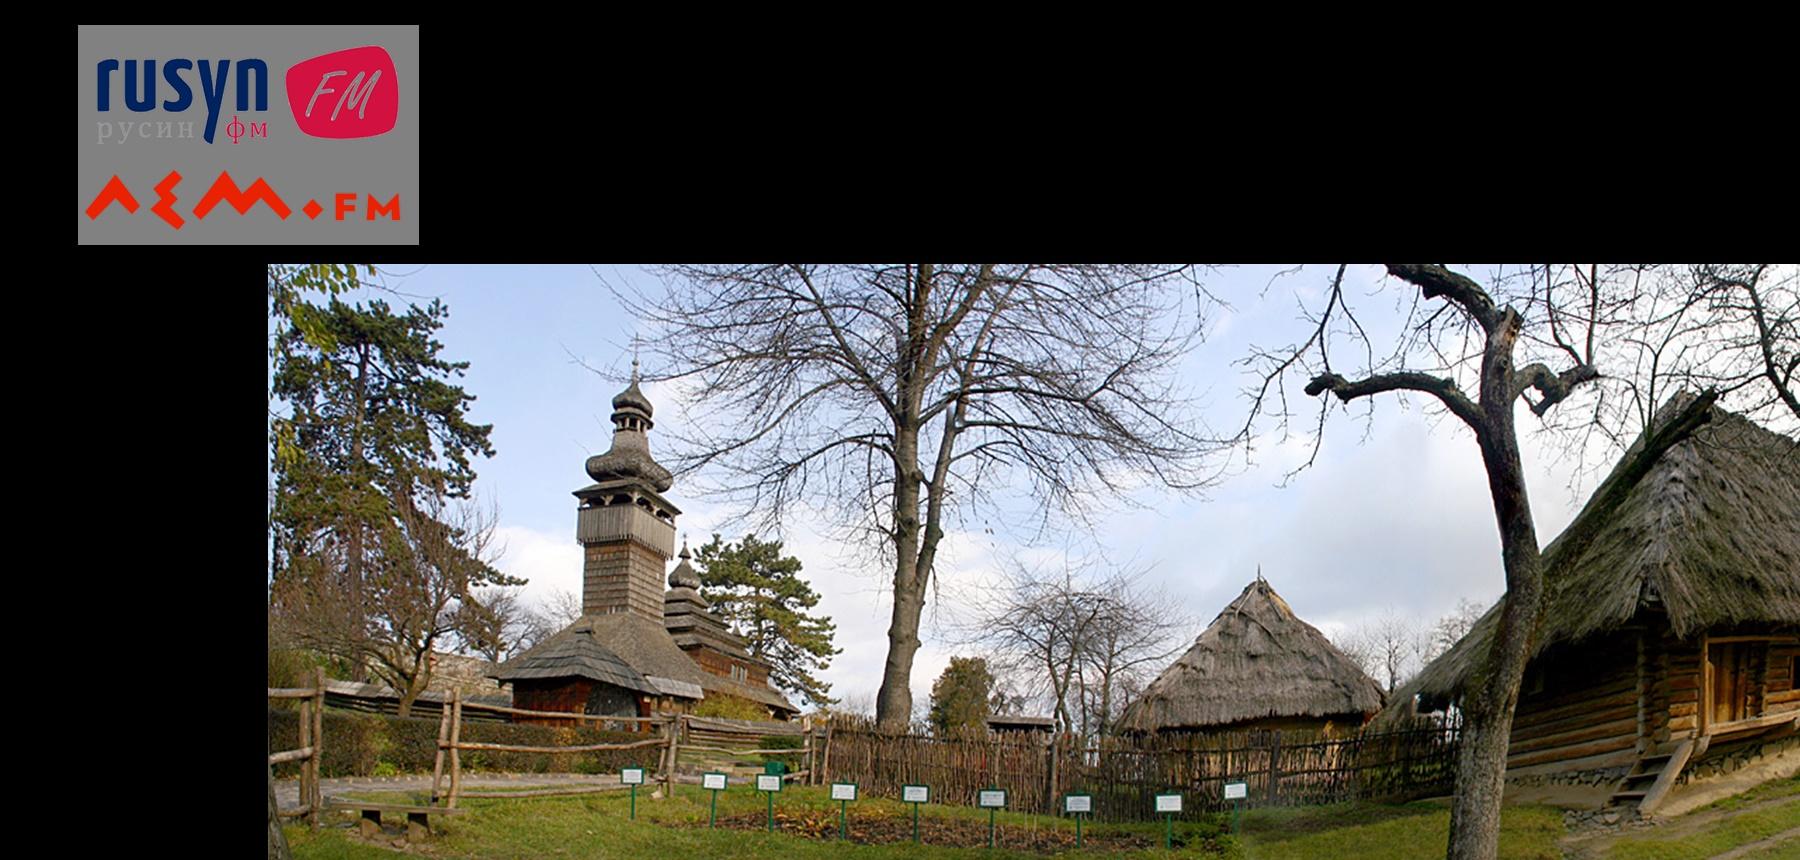 панорама ужгородского скансену